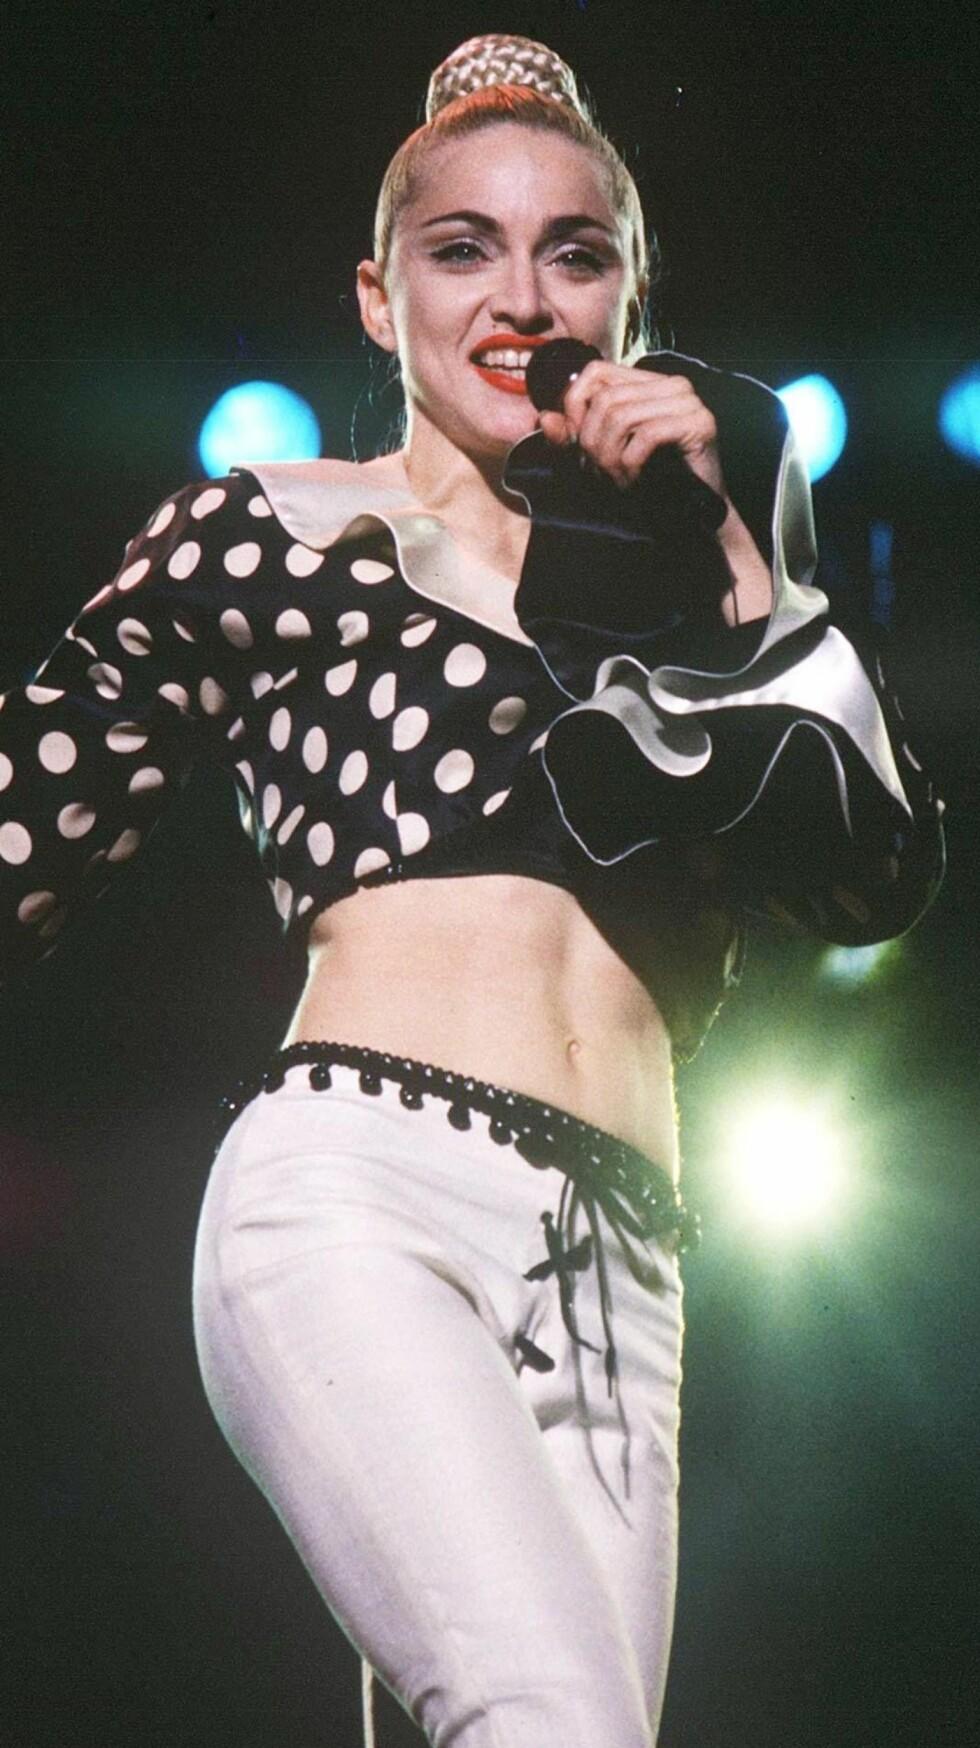 Den oppsatte frisyren var i en periode Madonnas varemerke. Her er hun fotgrafert under en konsert i Japan, 1990.